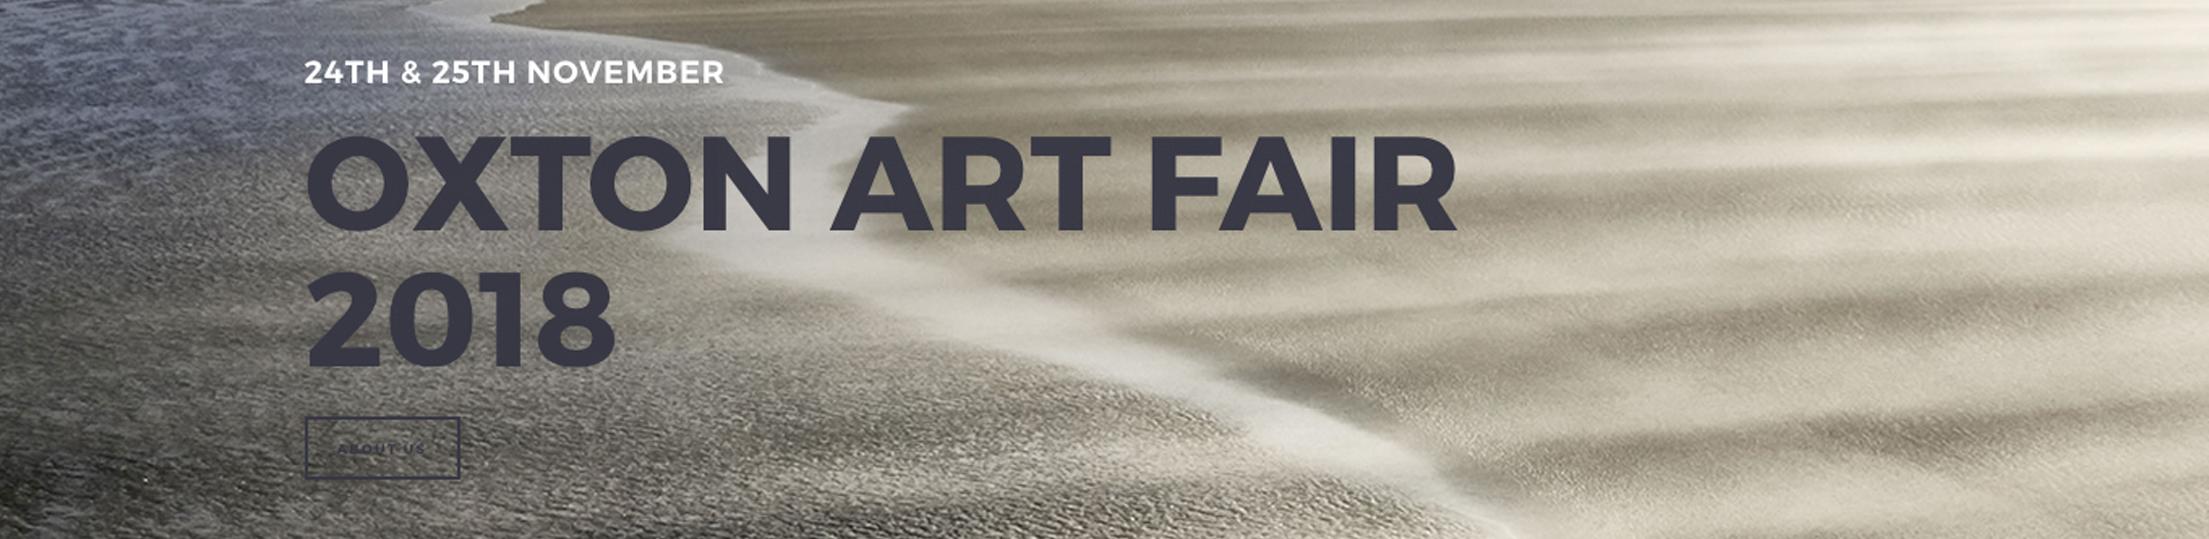 Oxton Art Fair 2018